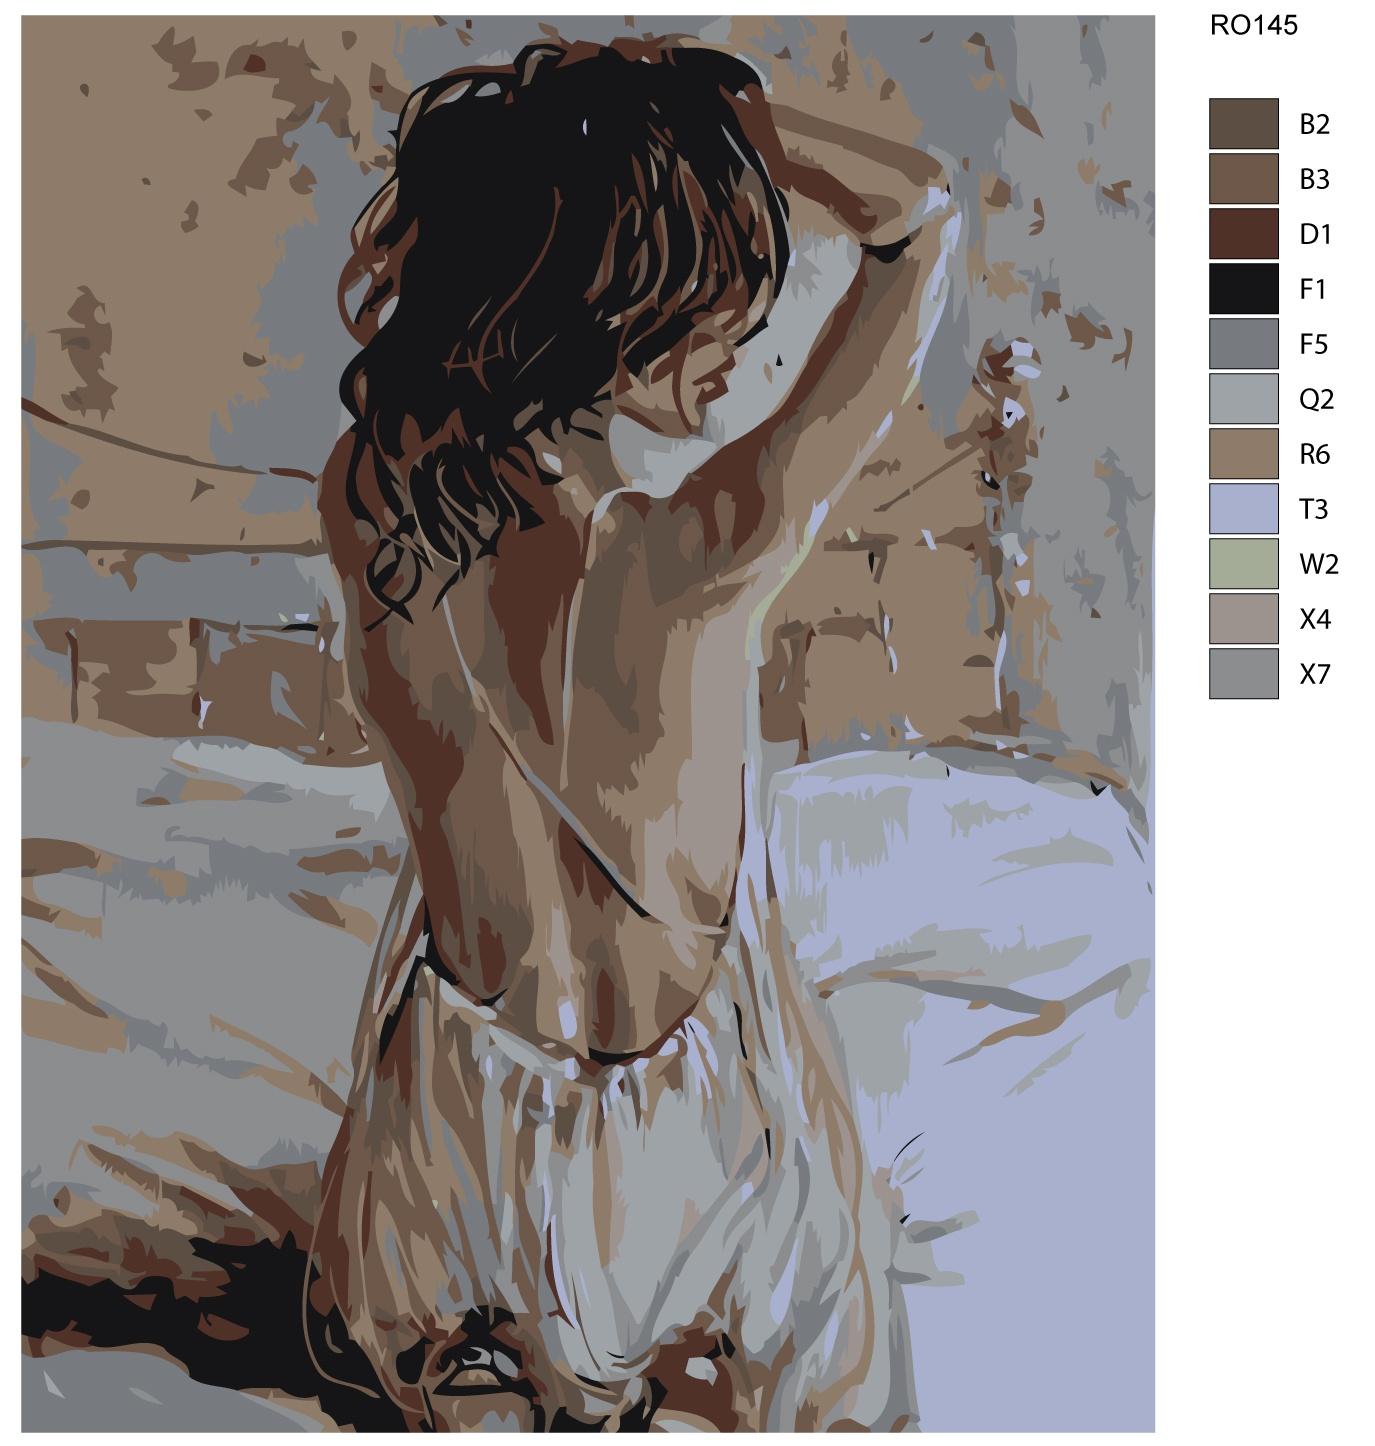 Картина по номерам, 80 x 100 см, RO145